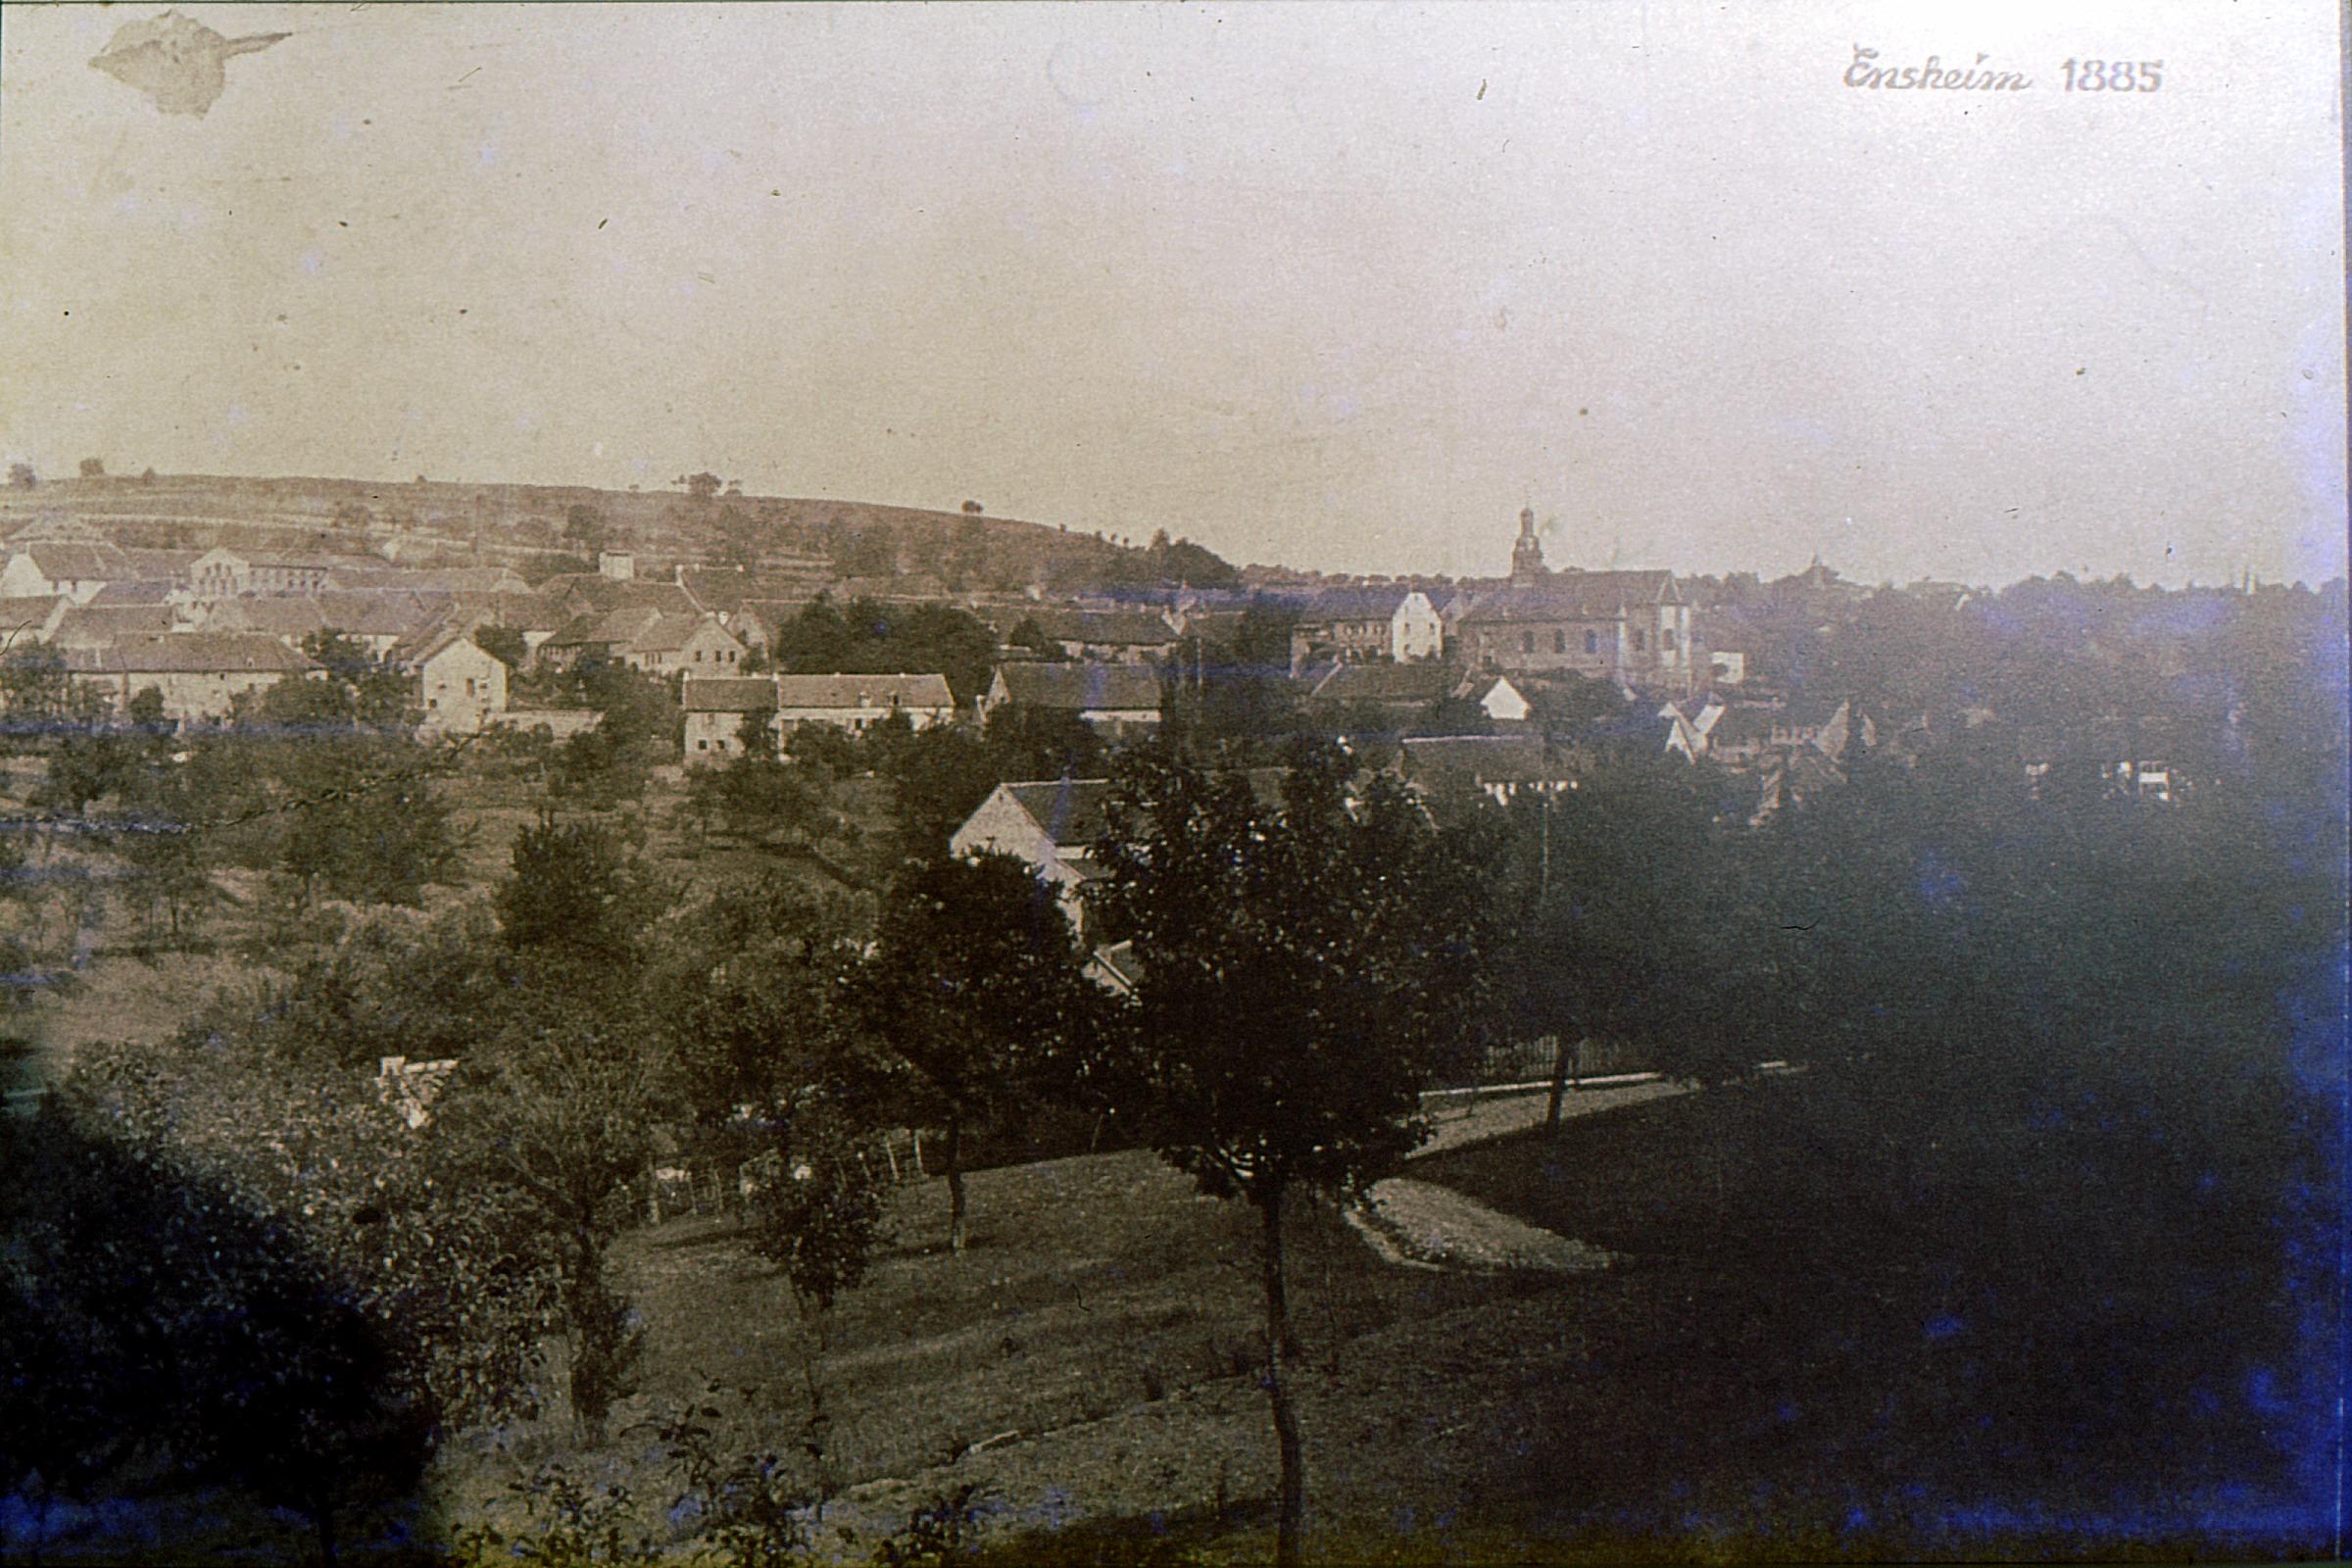 Ensheim 1885